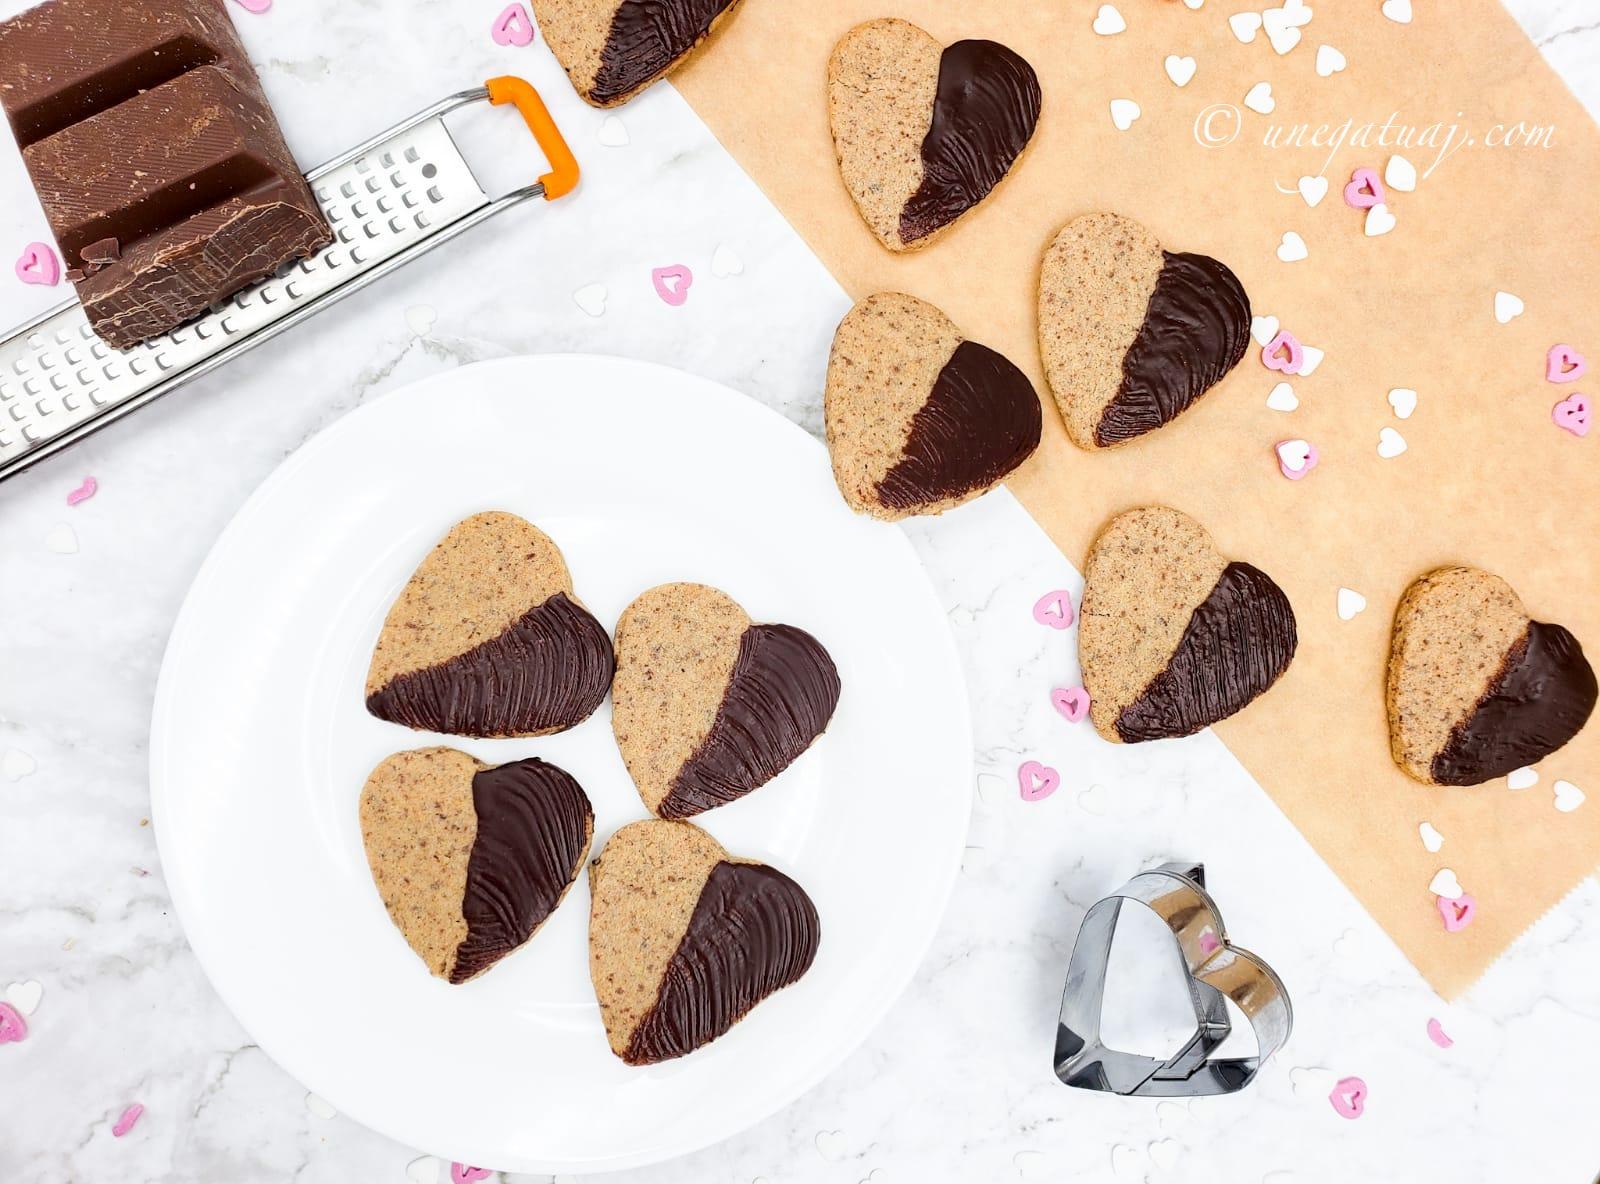 Biskota me çokollatë dhe lajthi